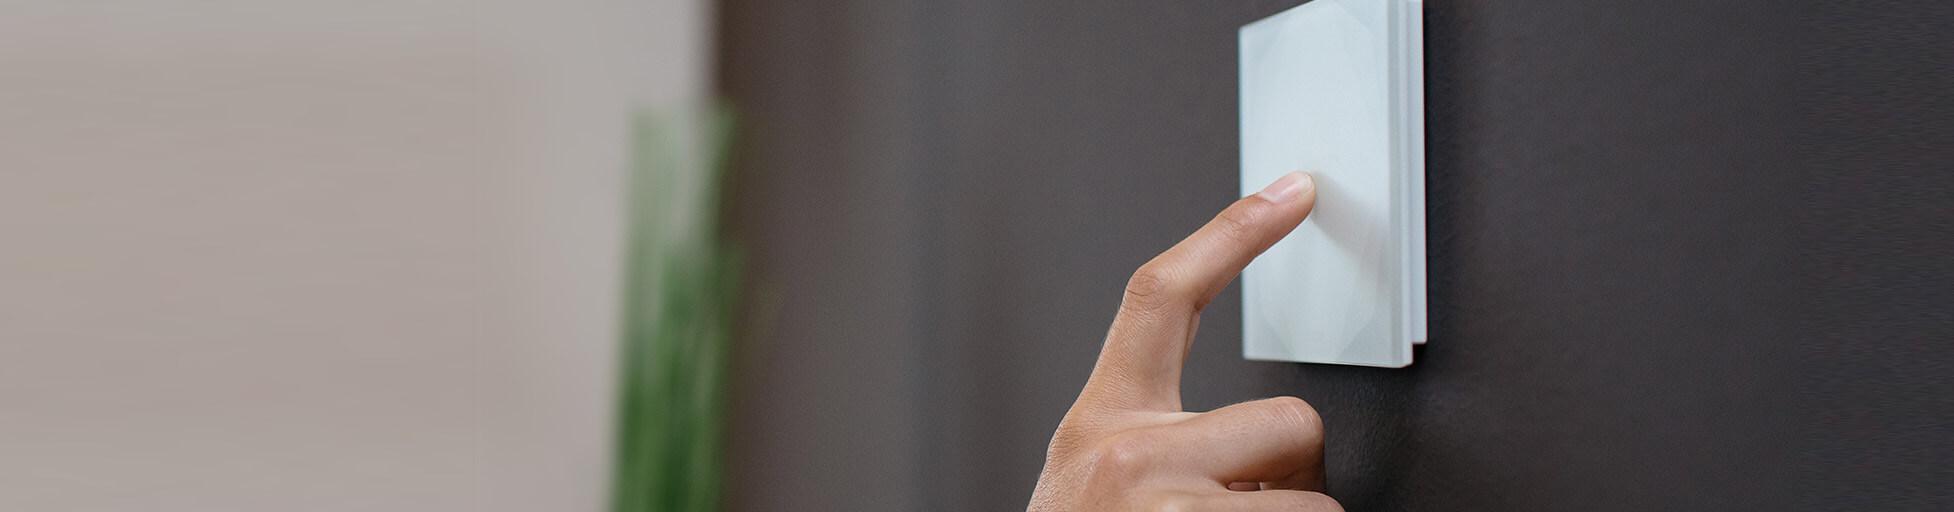 Chytré tlačítko Touch Pure od Loxone Smart Home